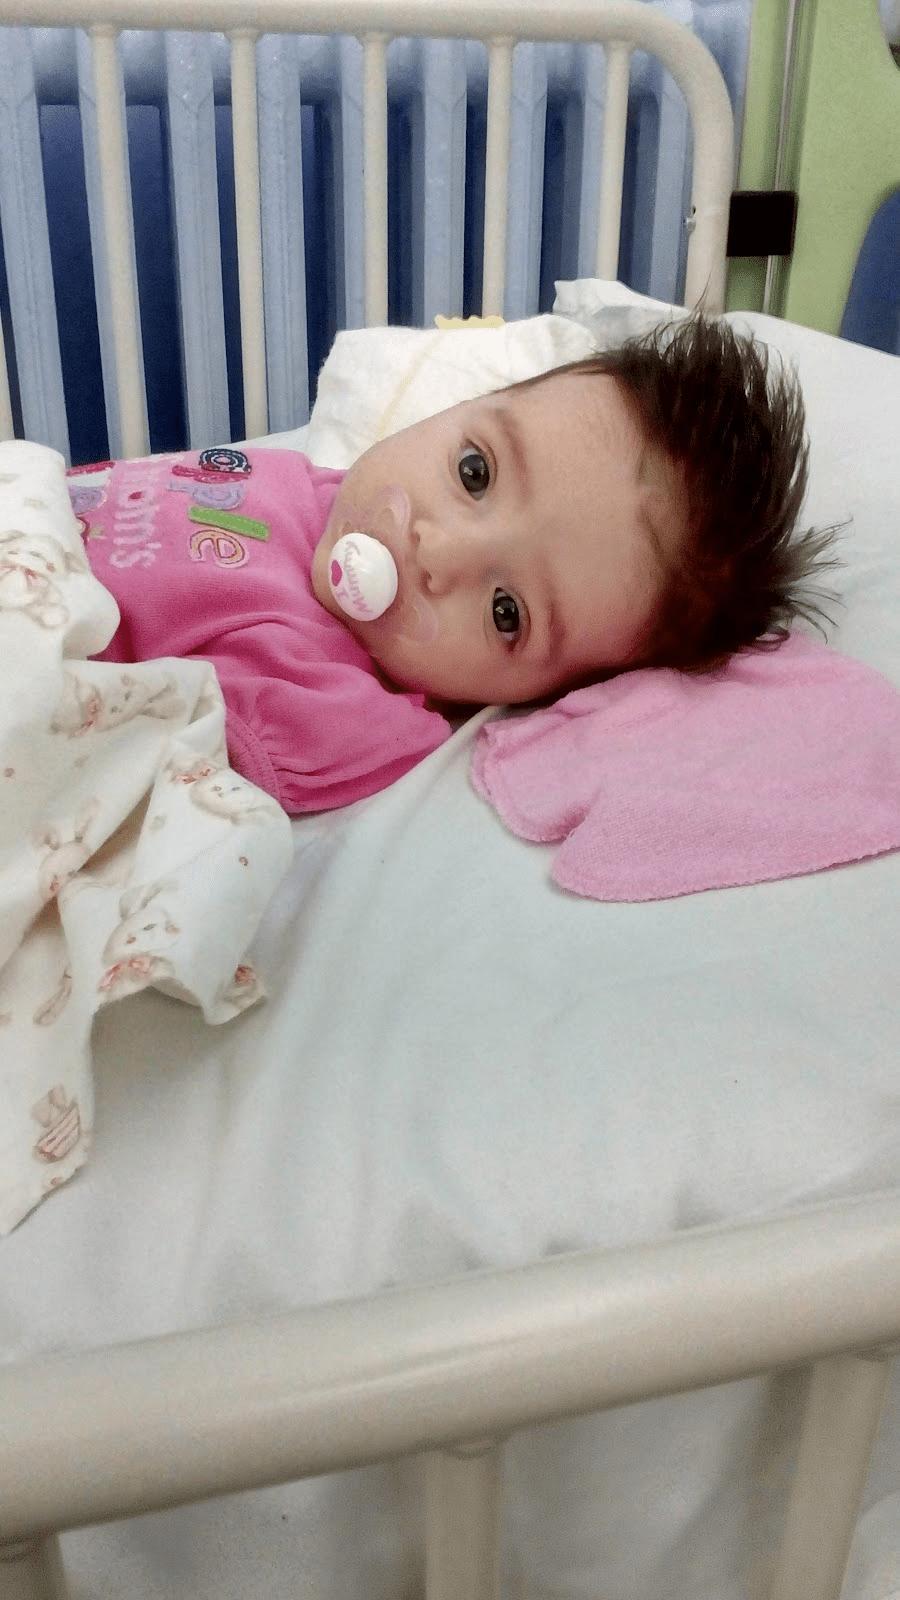 Νοσηλευτήκαμε με βρογχιολίτιδα 2 μηνών. Ποσό επικίνδυνη είναι για τα βρέφη Η  ιστορία μας 90484362931